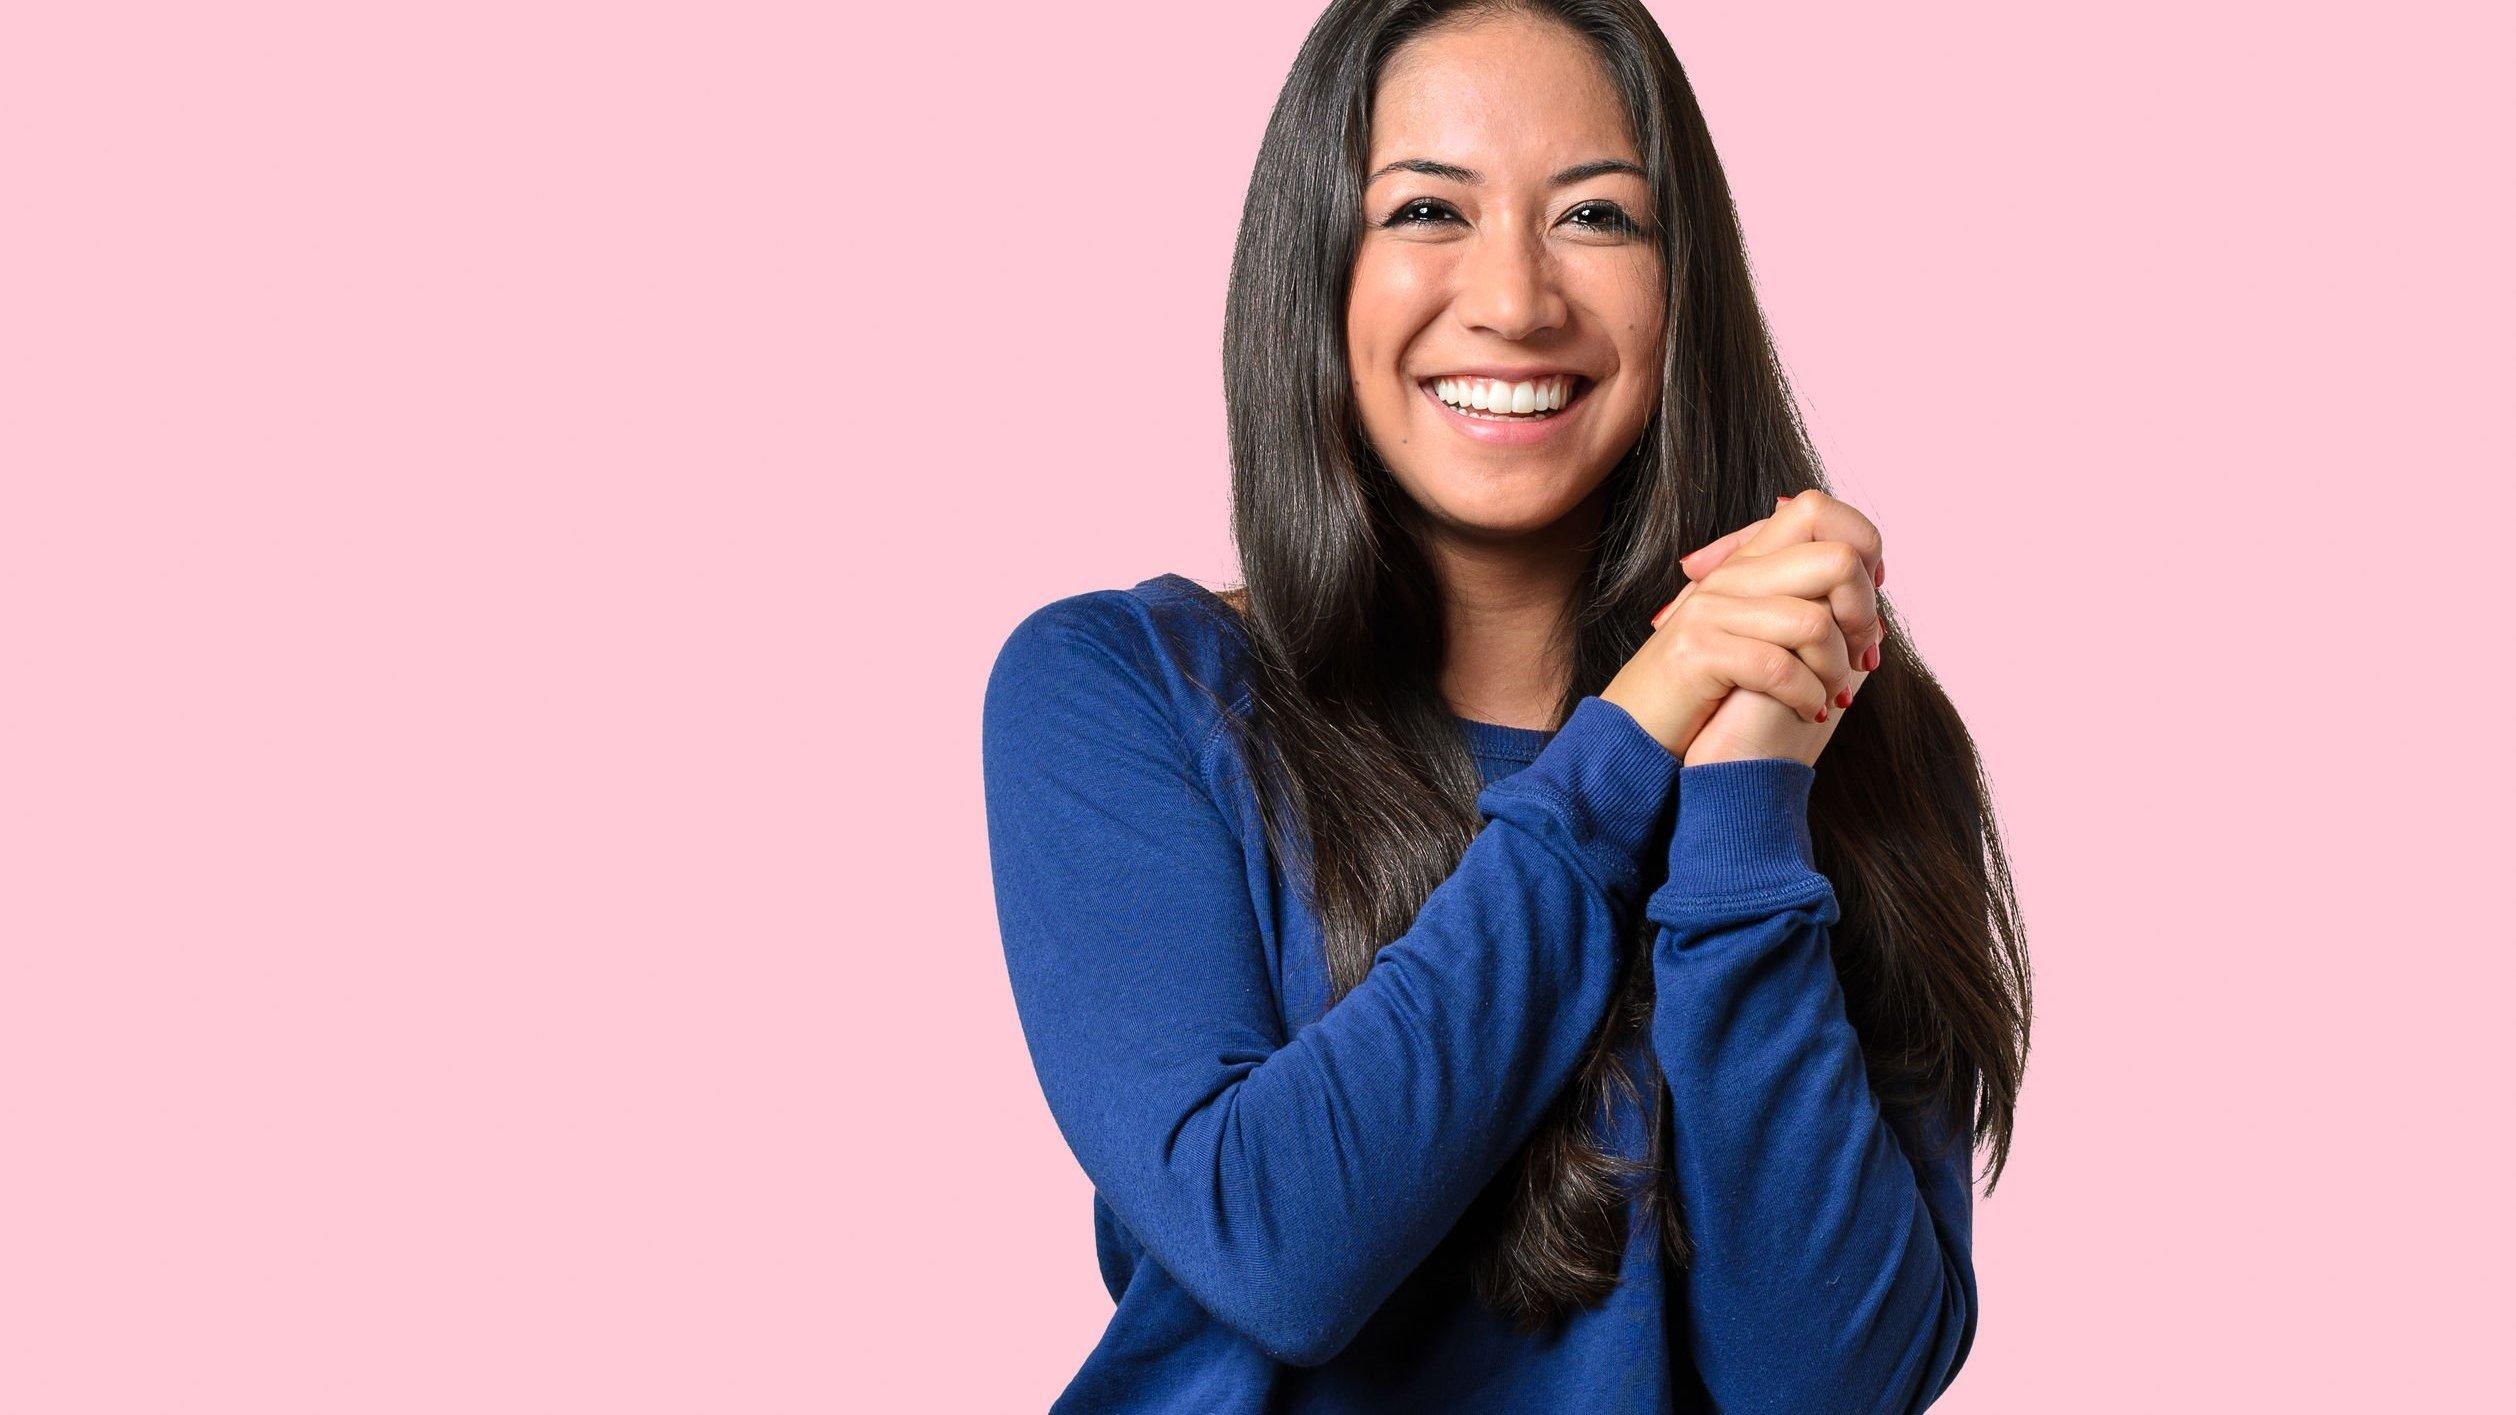 Mulher sorrindo, posando com as duas mãos juntas